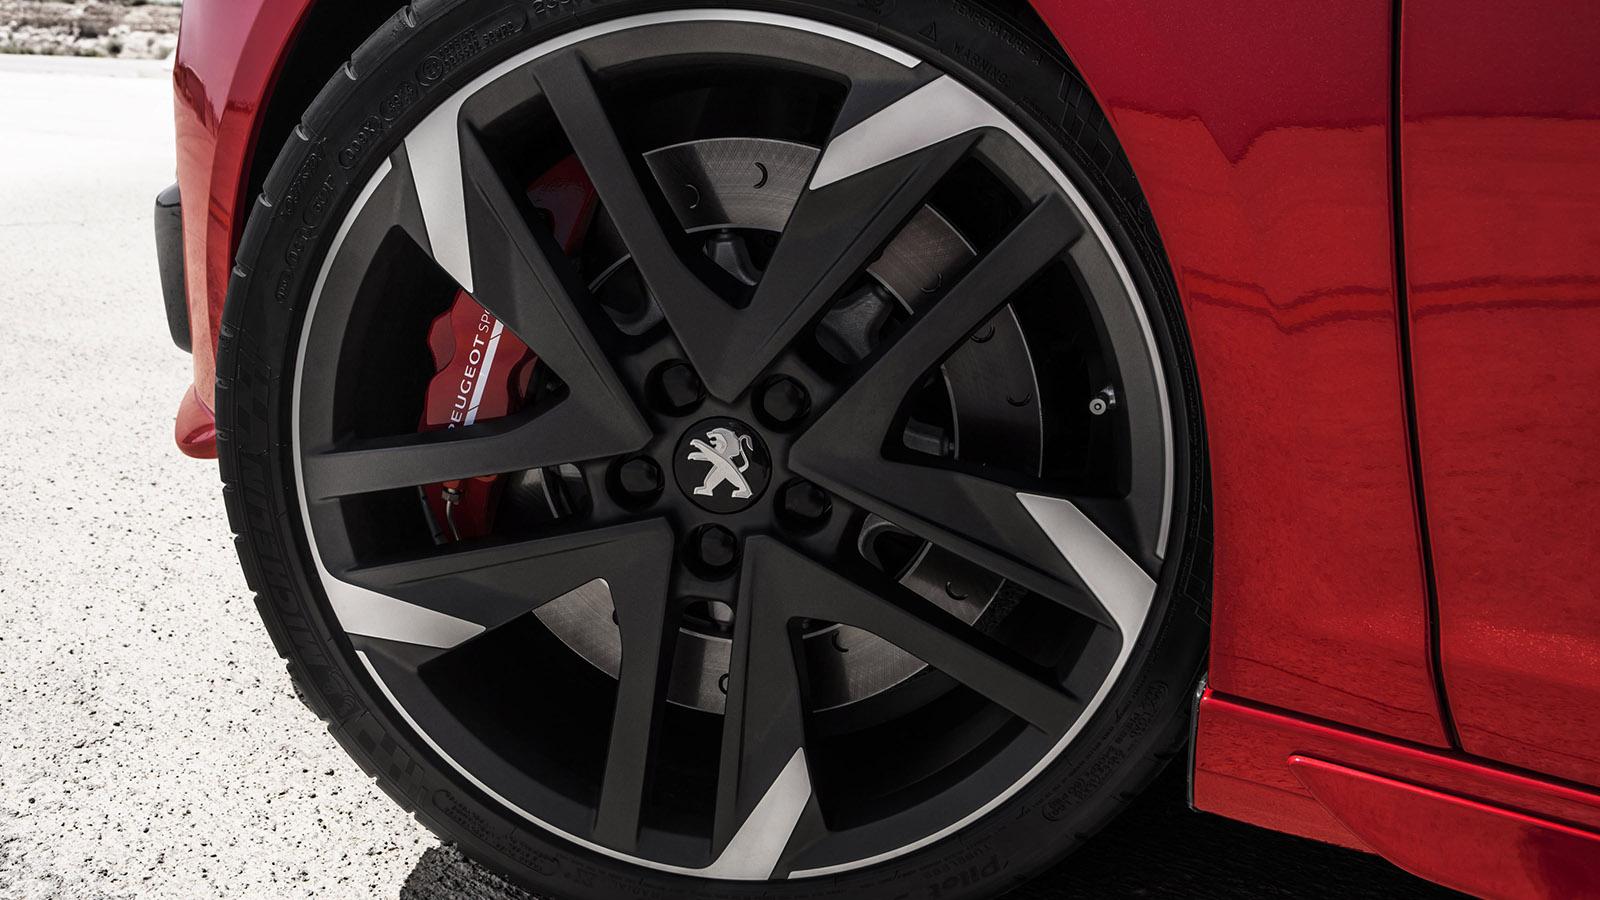 La versión de 270 CV equipa de serie unas exclusivas llantas tipo Reverse de 19 pulgadas, calzadas con neumáticos 235/35. Asimismo monta discos delanteros más grandes con pinzas de cuatro pistones en color rojo.La versión de 270 CV equipa de serie unas exclusivas llantas tipo Reverse de 19 pulgadas, calzadas con neumáticos 235/35. Asimismo monta discos delanteros más grandes con pinzas de cuatro pistones en color rojo.